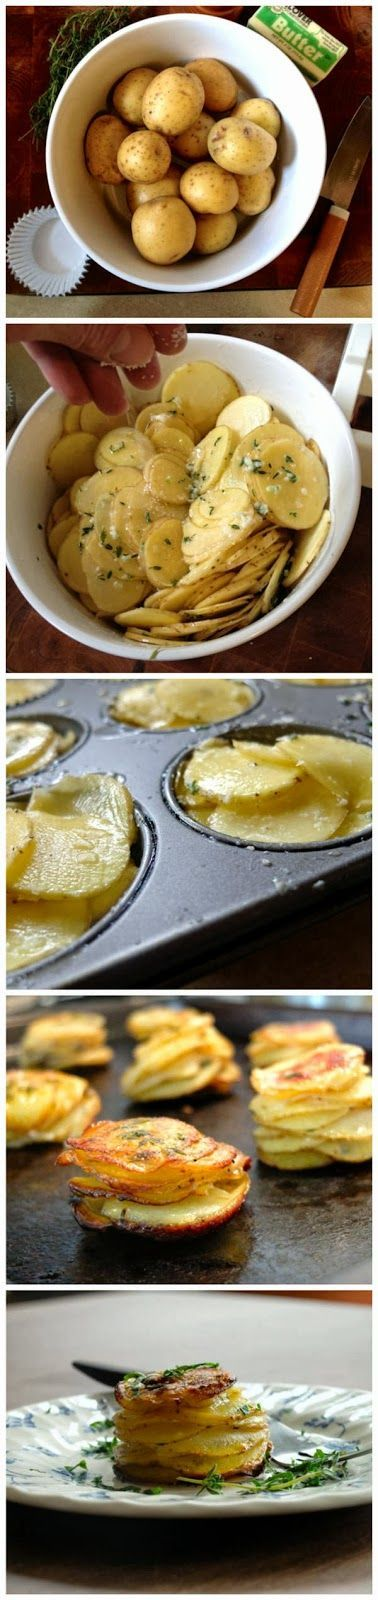 Ricette originali in una foto: torretta di patate